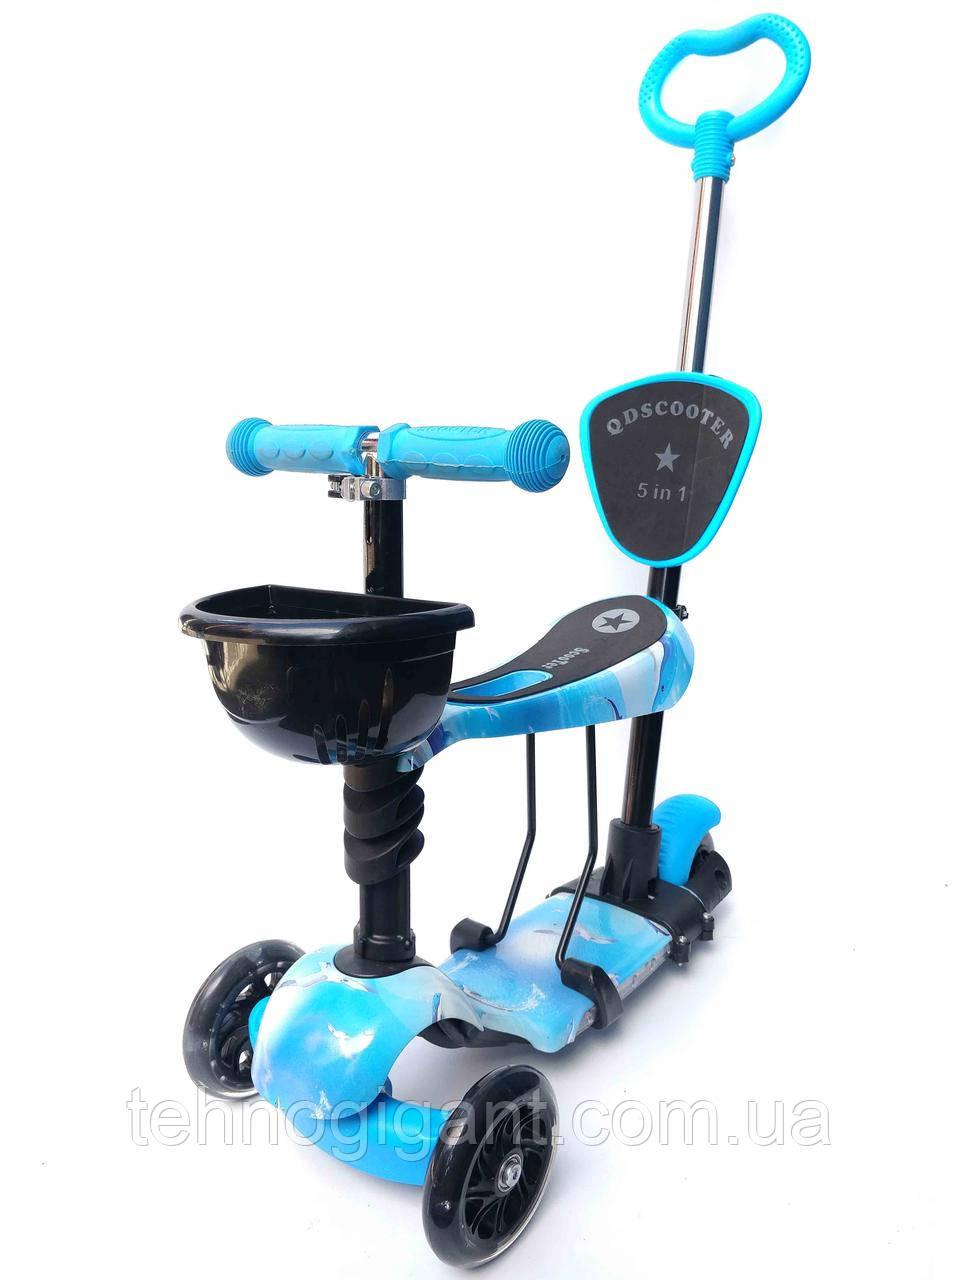 Самокат-беговел 5в1 Scooter с родительской ручкой, сиденьем, подсветкой платформы и колес, Синий с рисунком